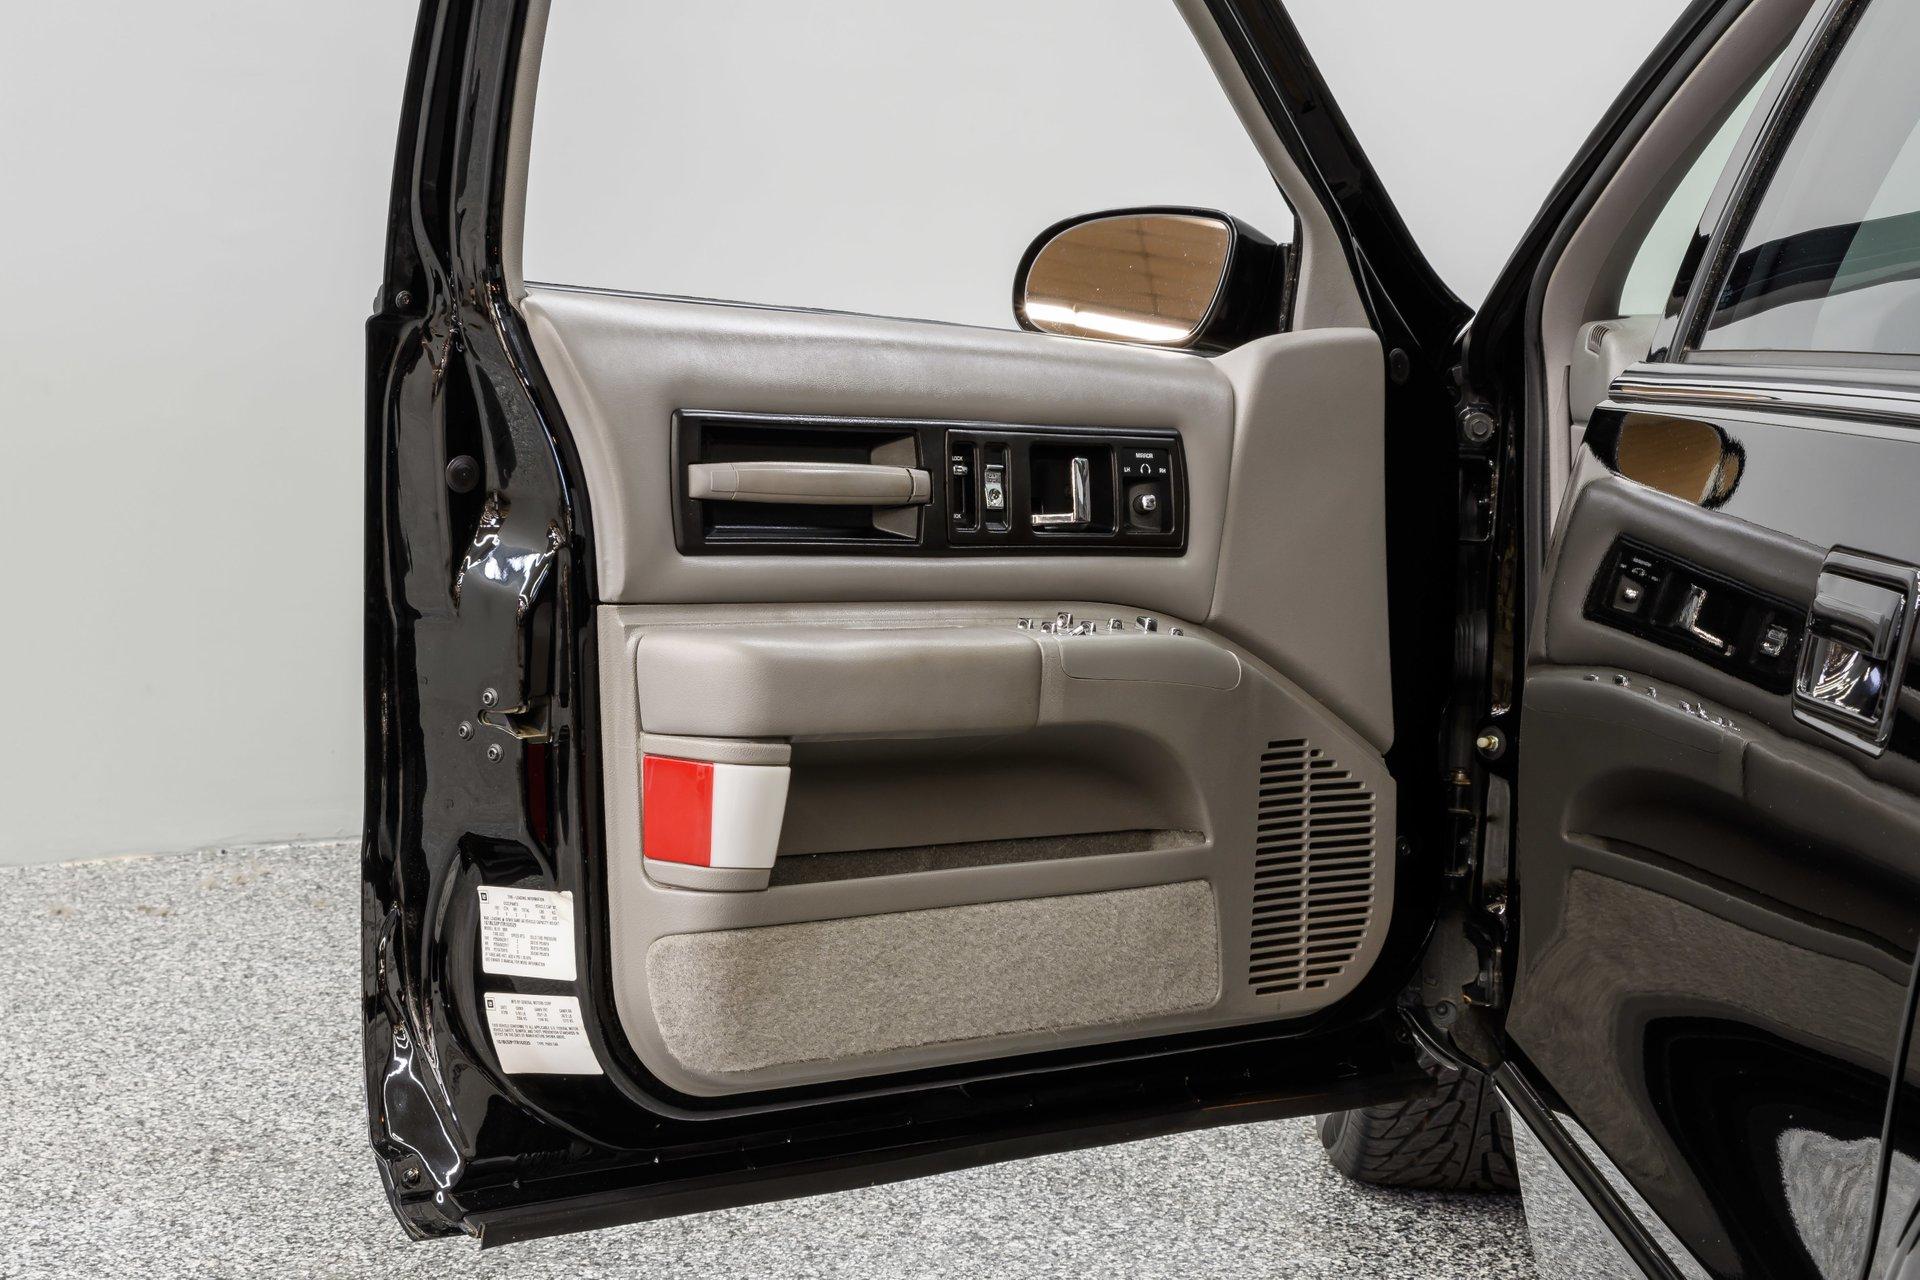 1996 Chevrolet Impala SS | Auto Barn Classic Cars